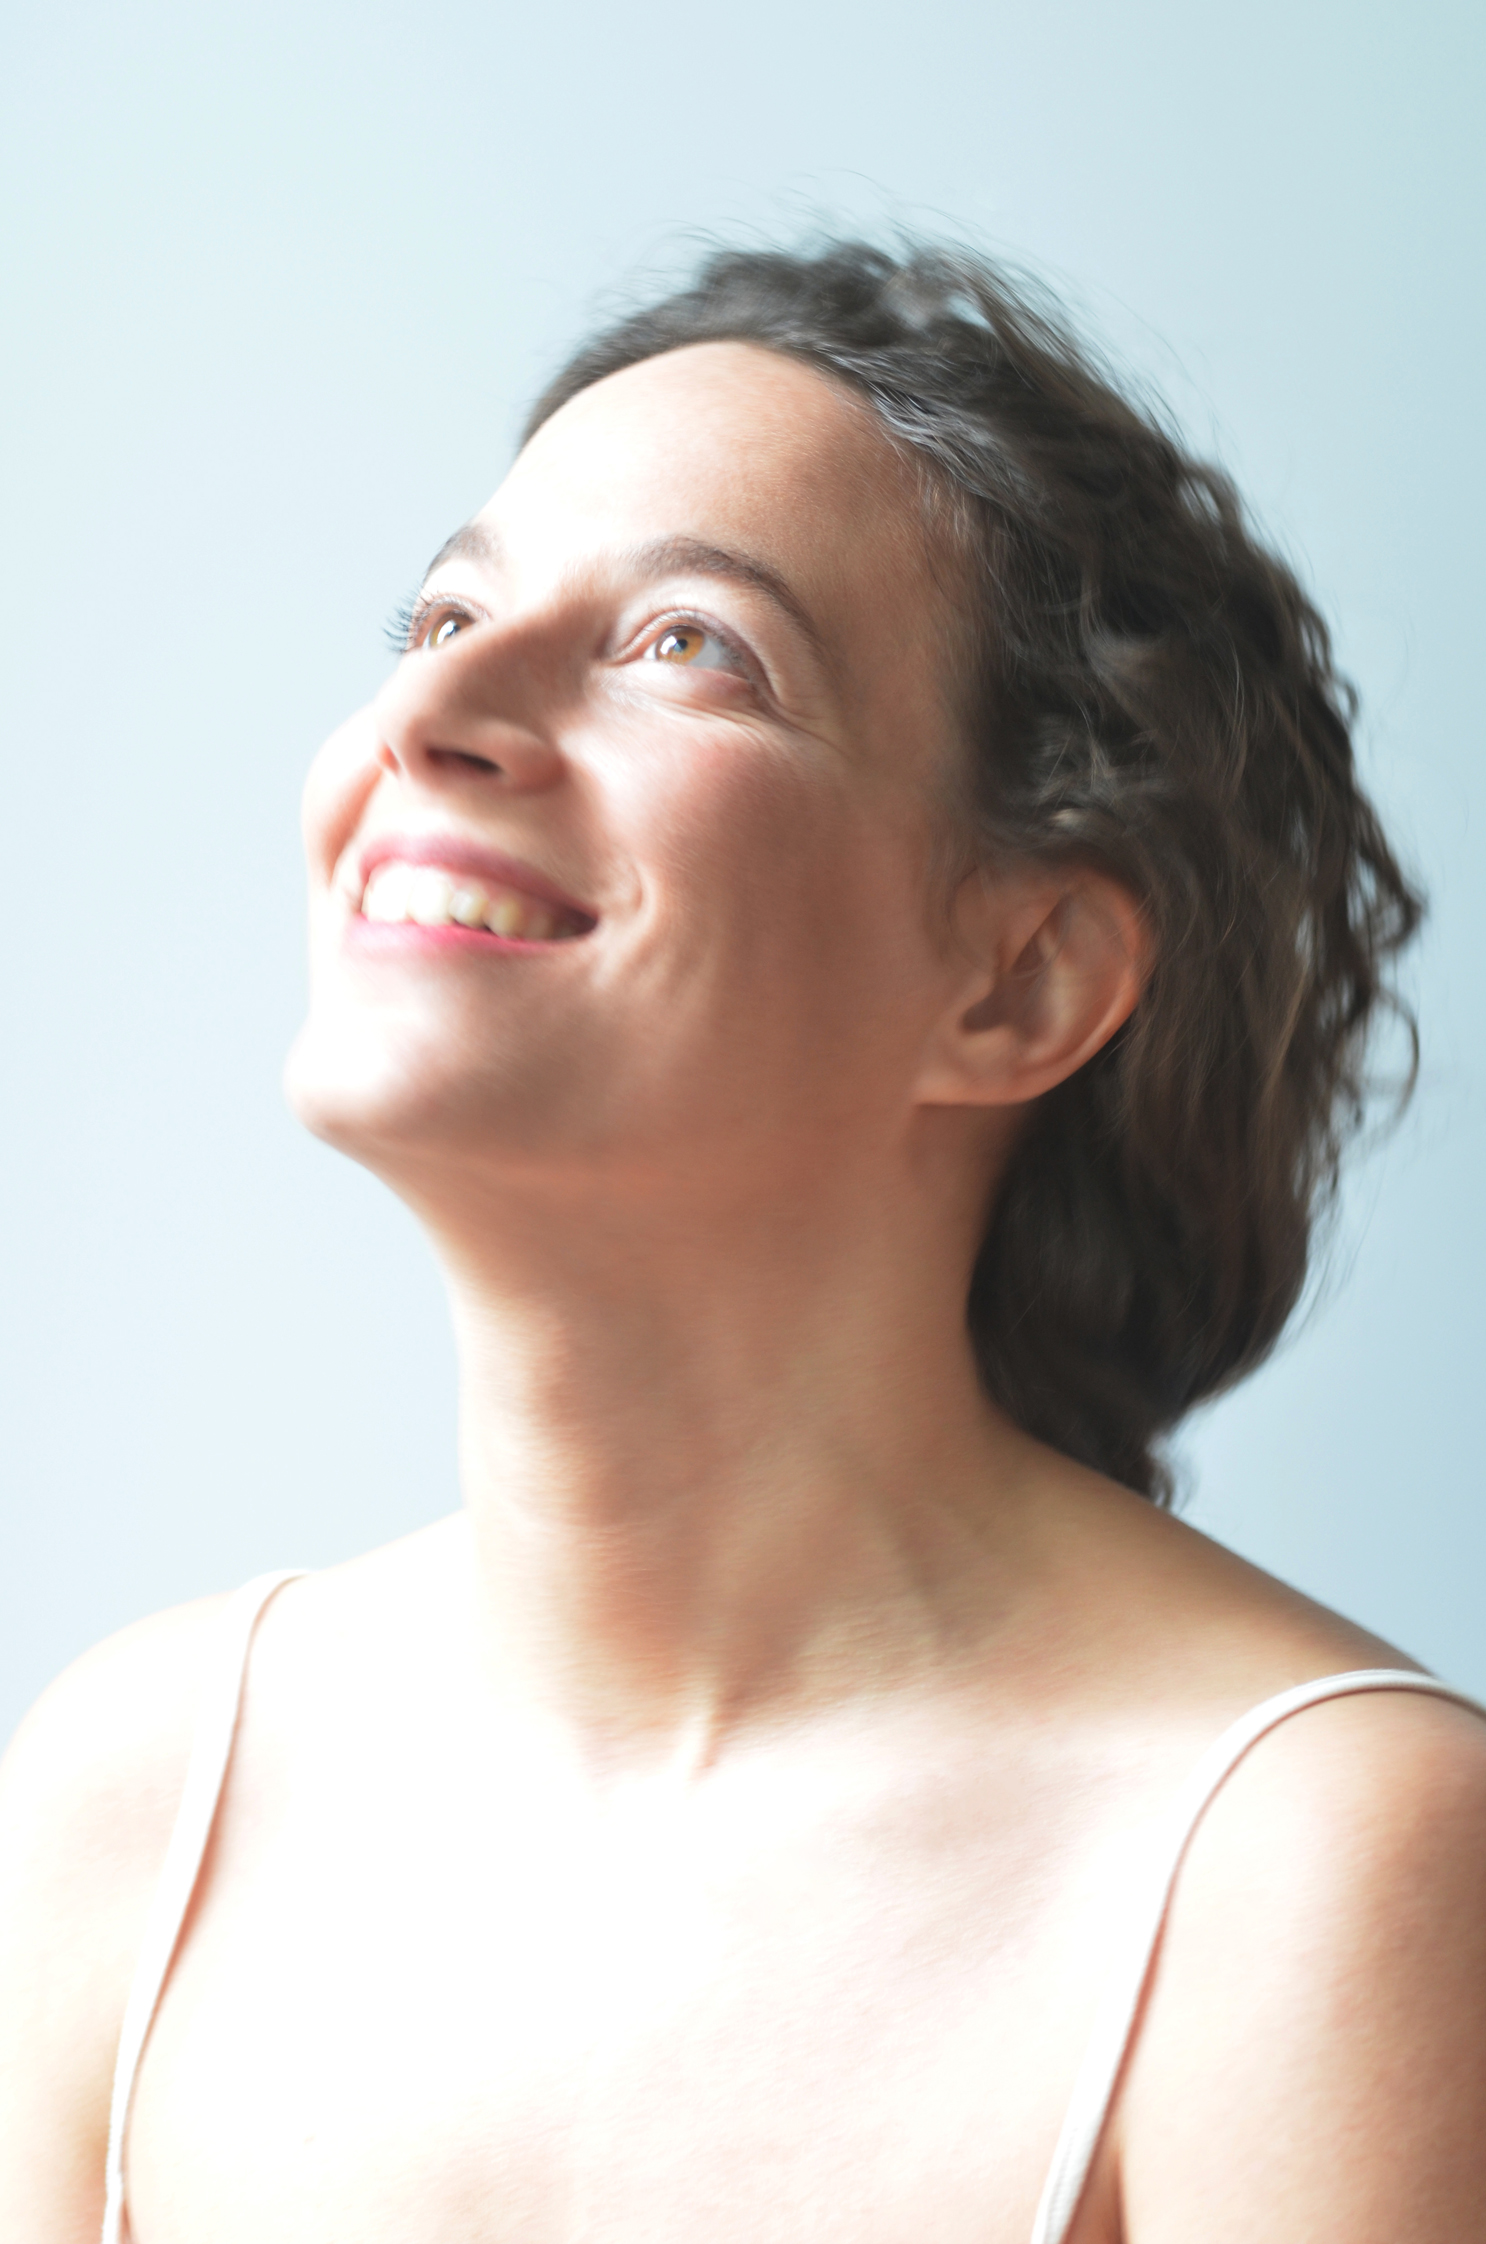 portrait2k copie 2 (photo <b>Cecile Hug</b>) - portrait2k-copie-2-photo-Cecile-Hug